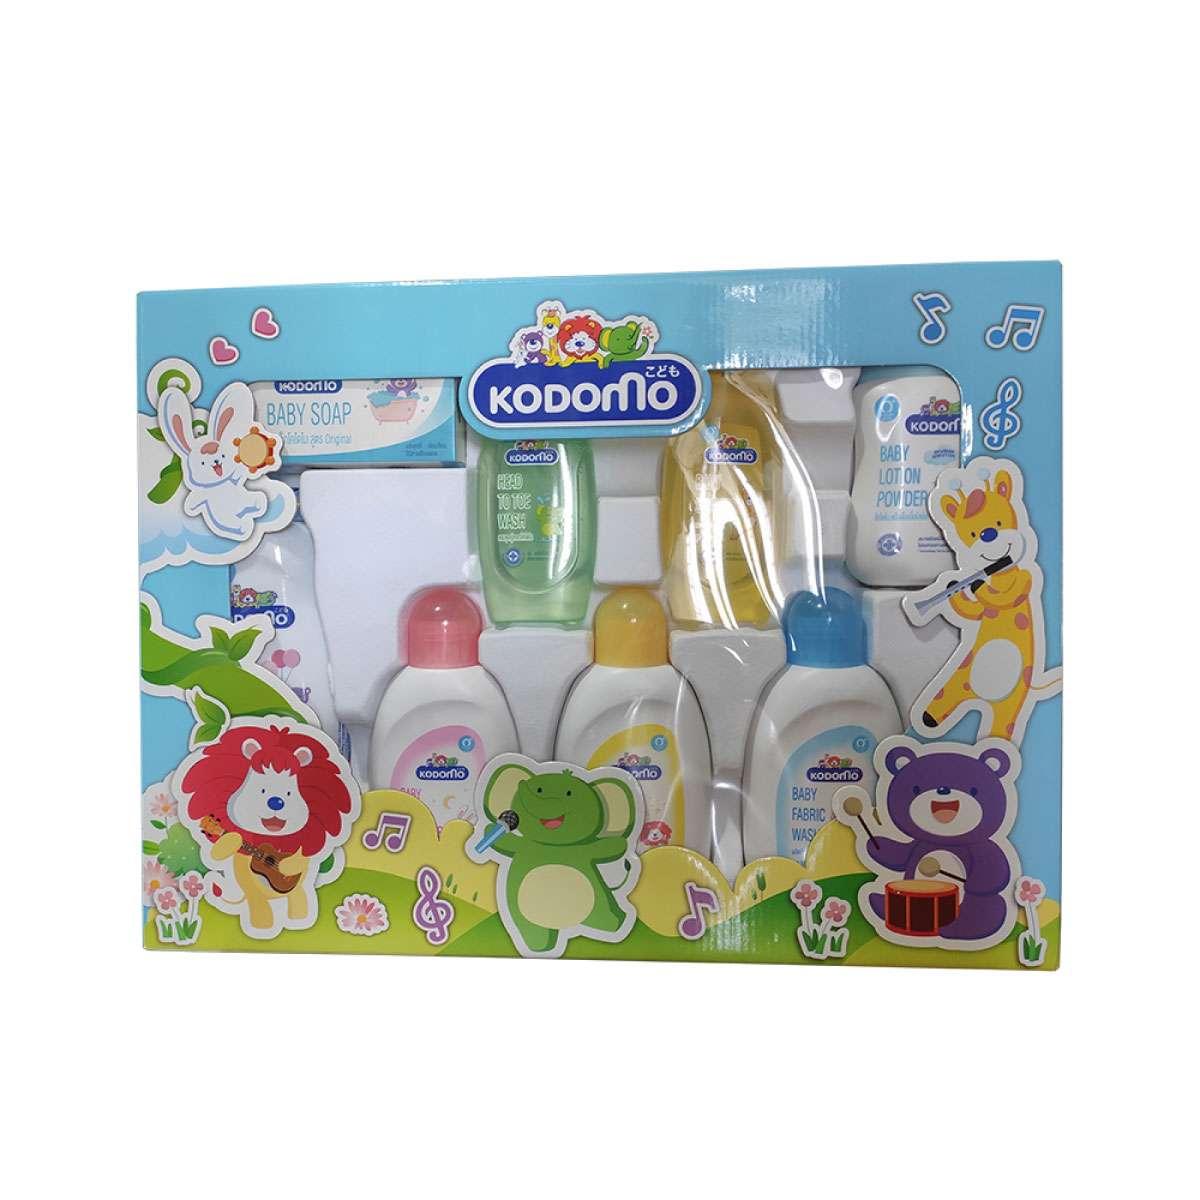 KODOMO Baby 8 pcs Gift Set